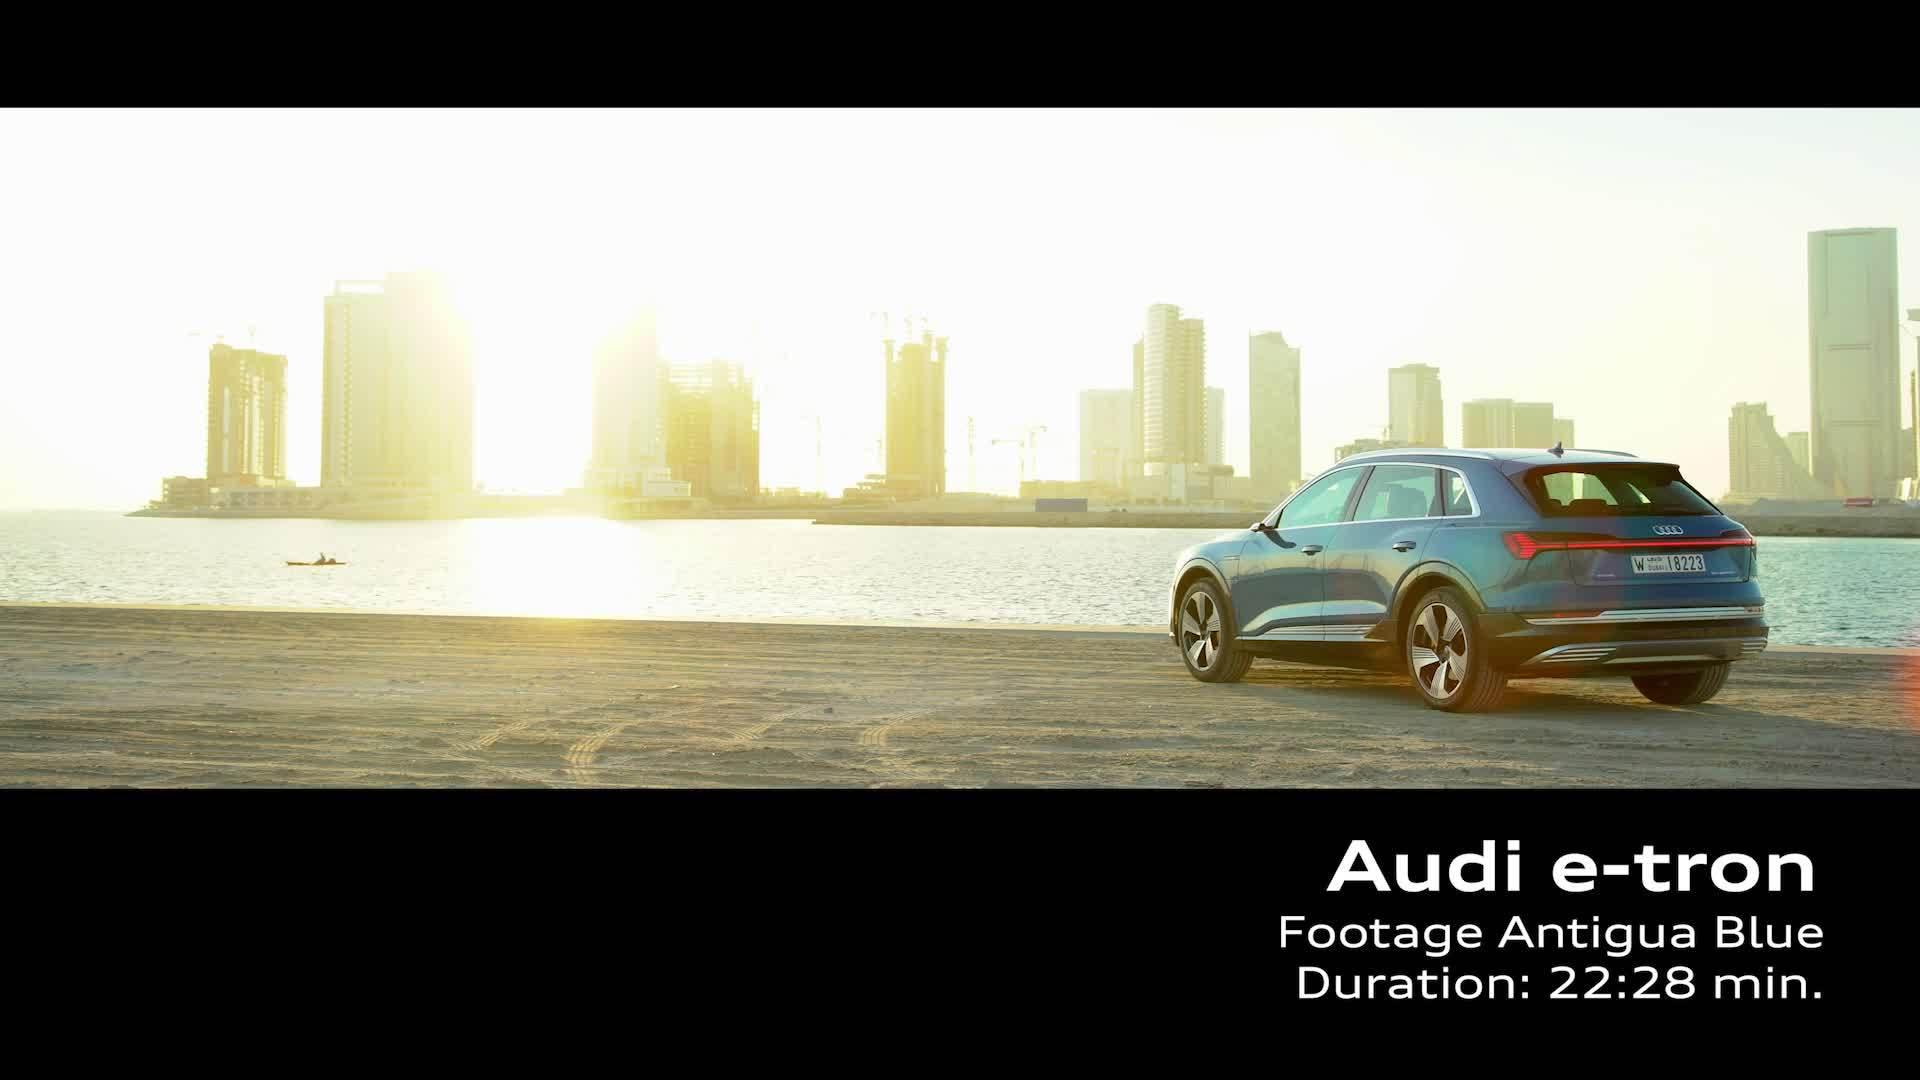 Audi e-tron Antigua Blau (Footage)